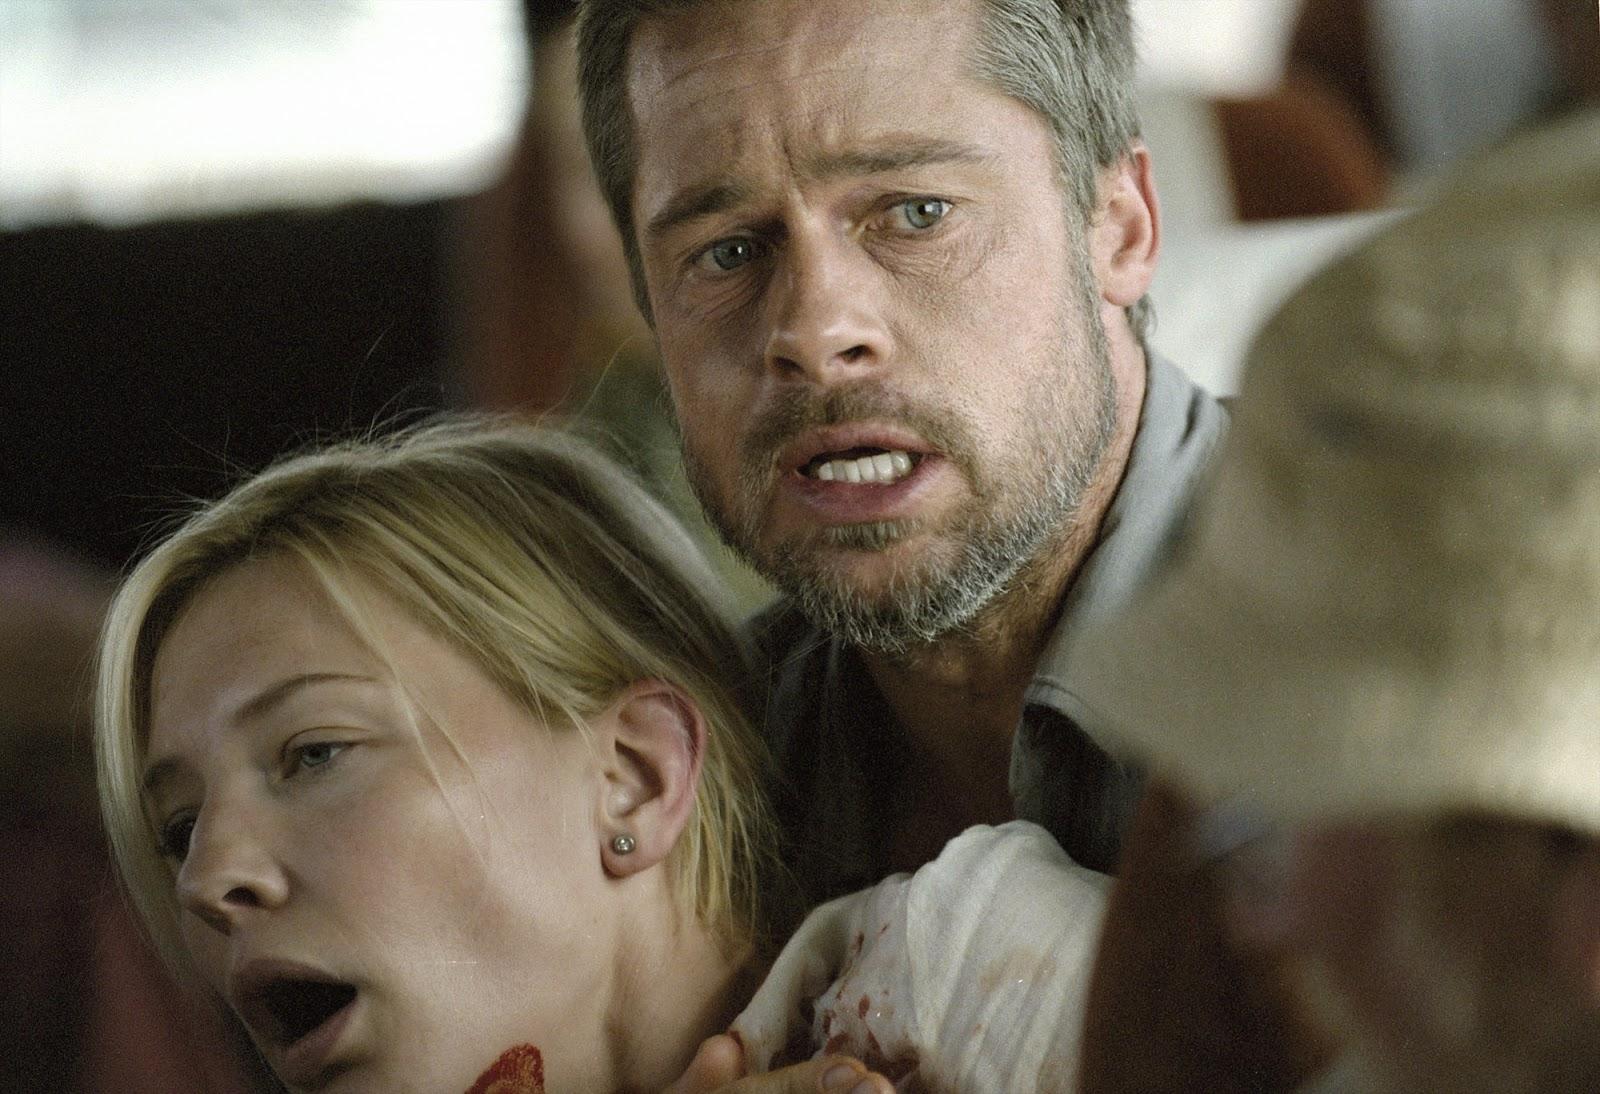 Psikolojik gerilim filmi Dragons syndrome: aktörler, roller, kısa öykü